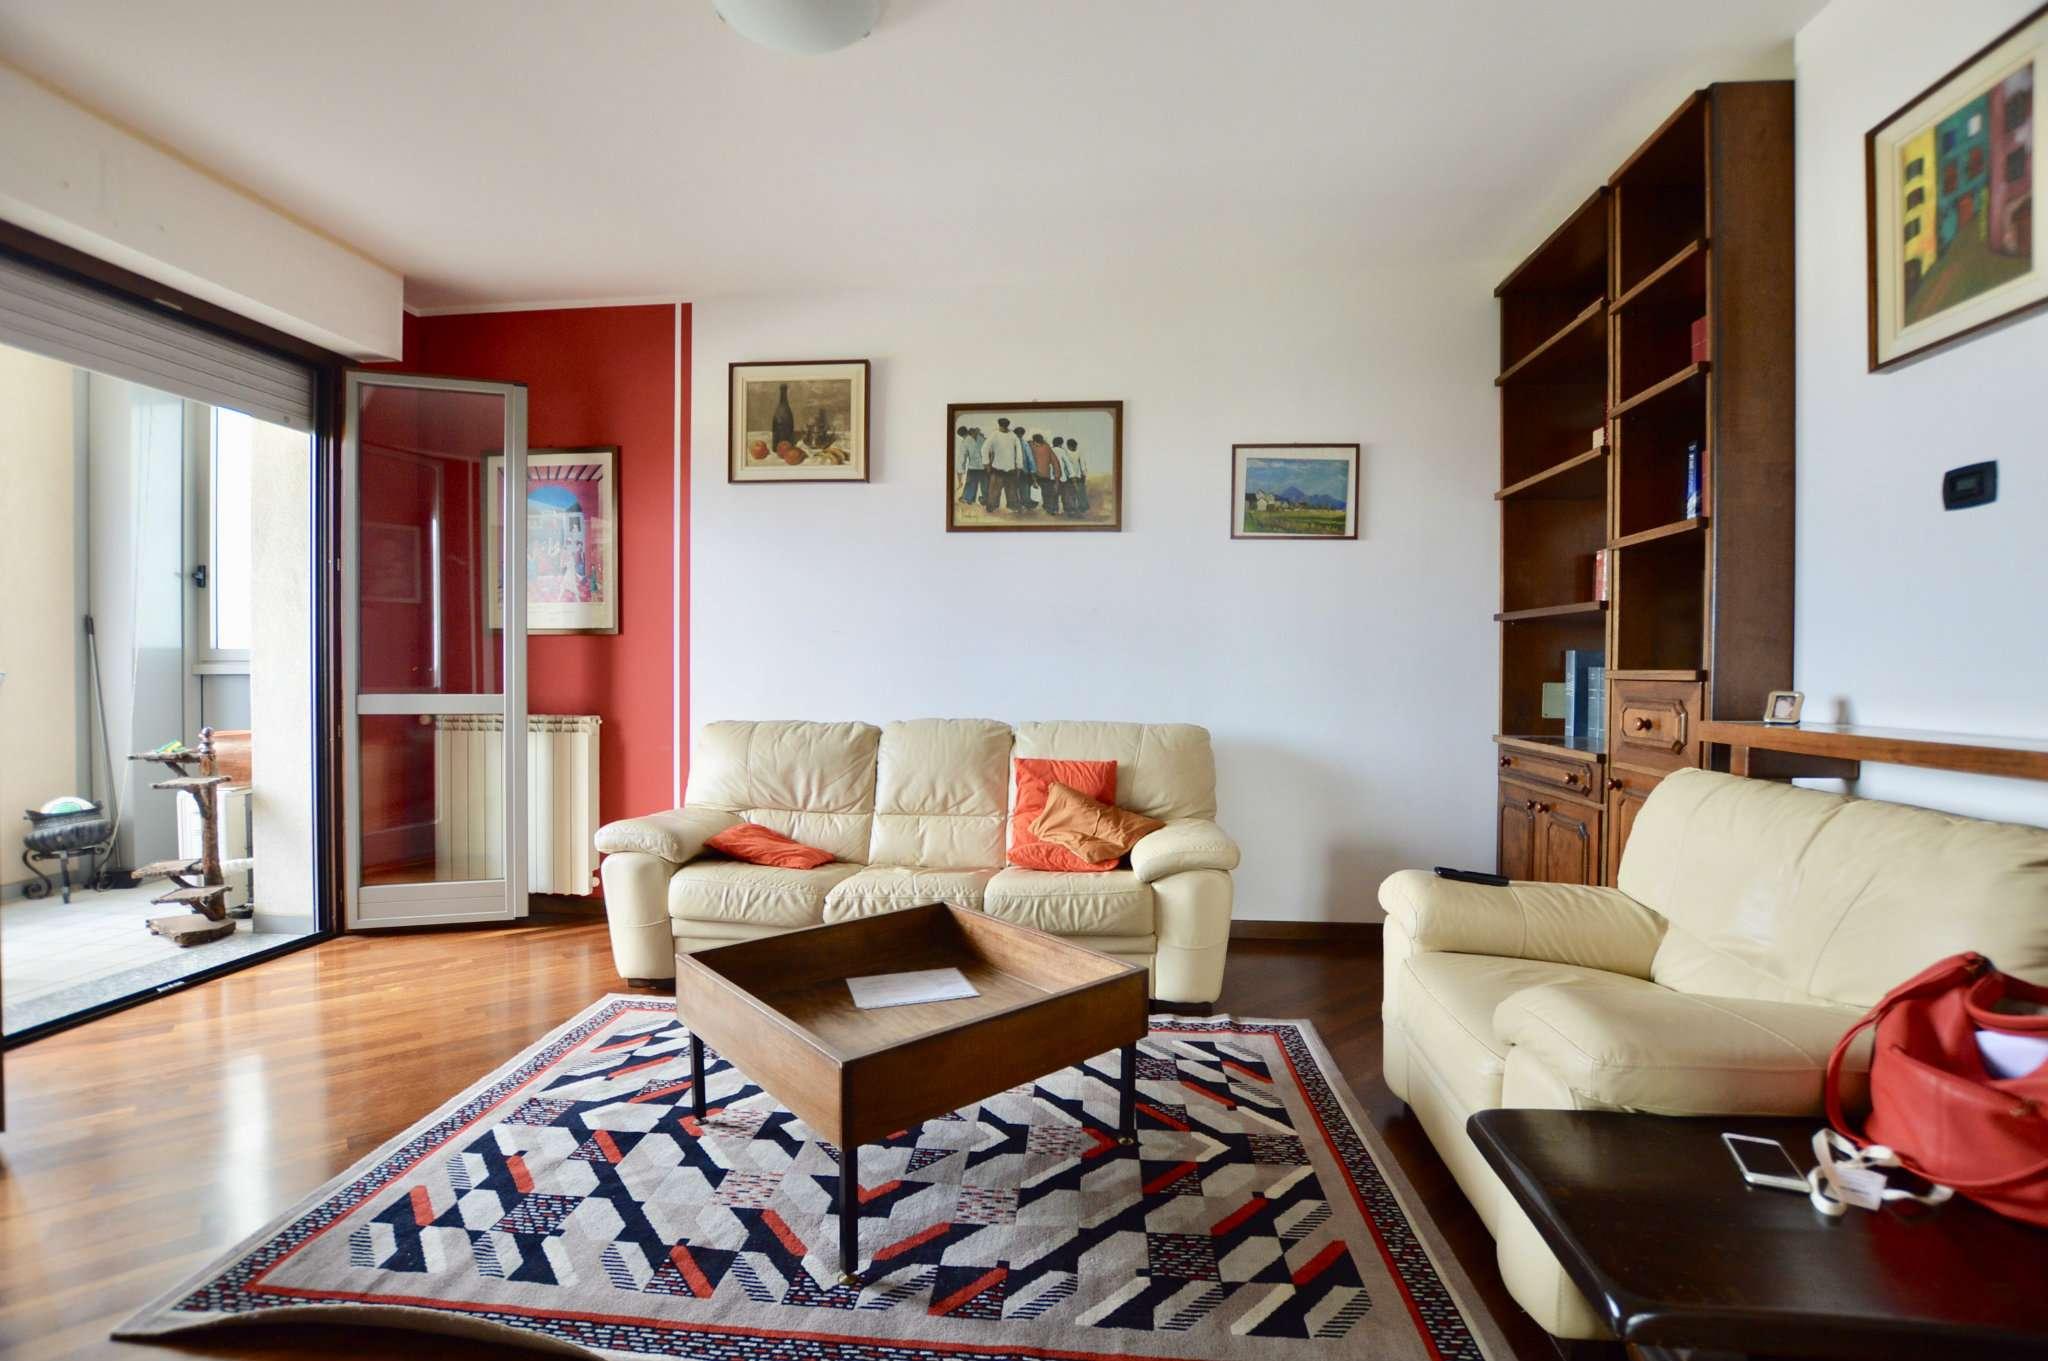 Appartamento in Vendita a Milano 28 Vialba / Musocco / Lampugnano: 3 locali, 102 mq